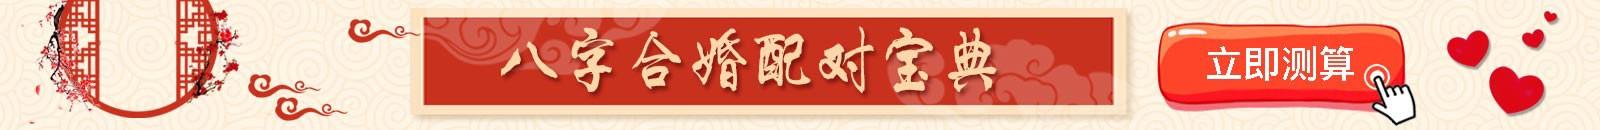 【中型】八字合婚